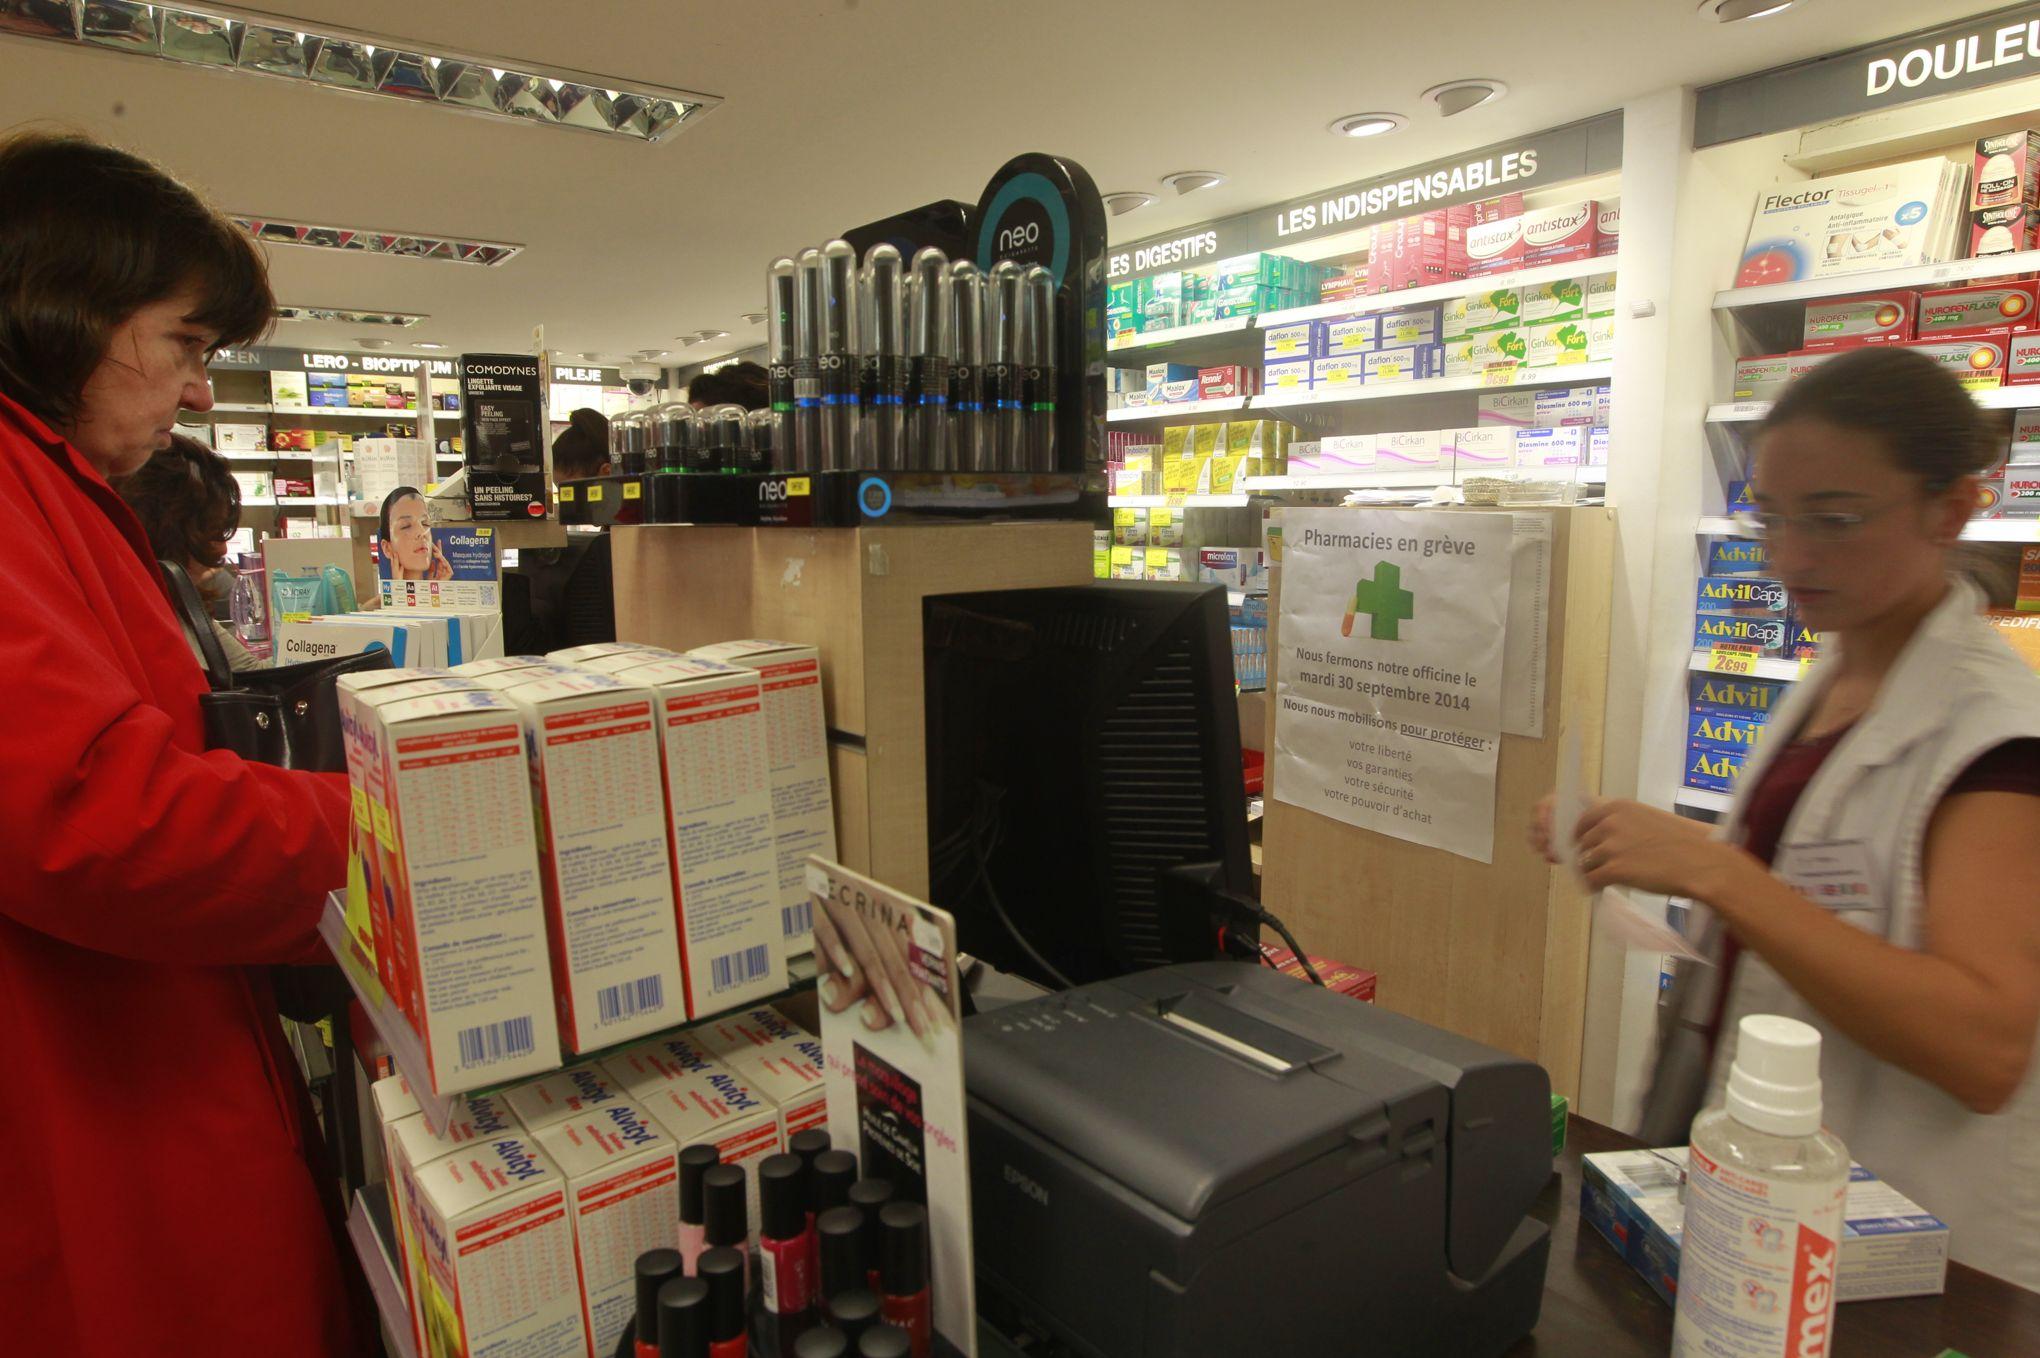 Médicaments en vente libre : quels laboratoires sont dans